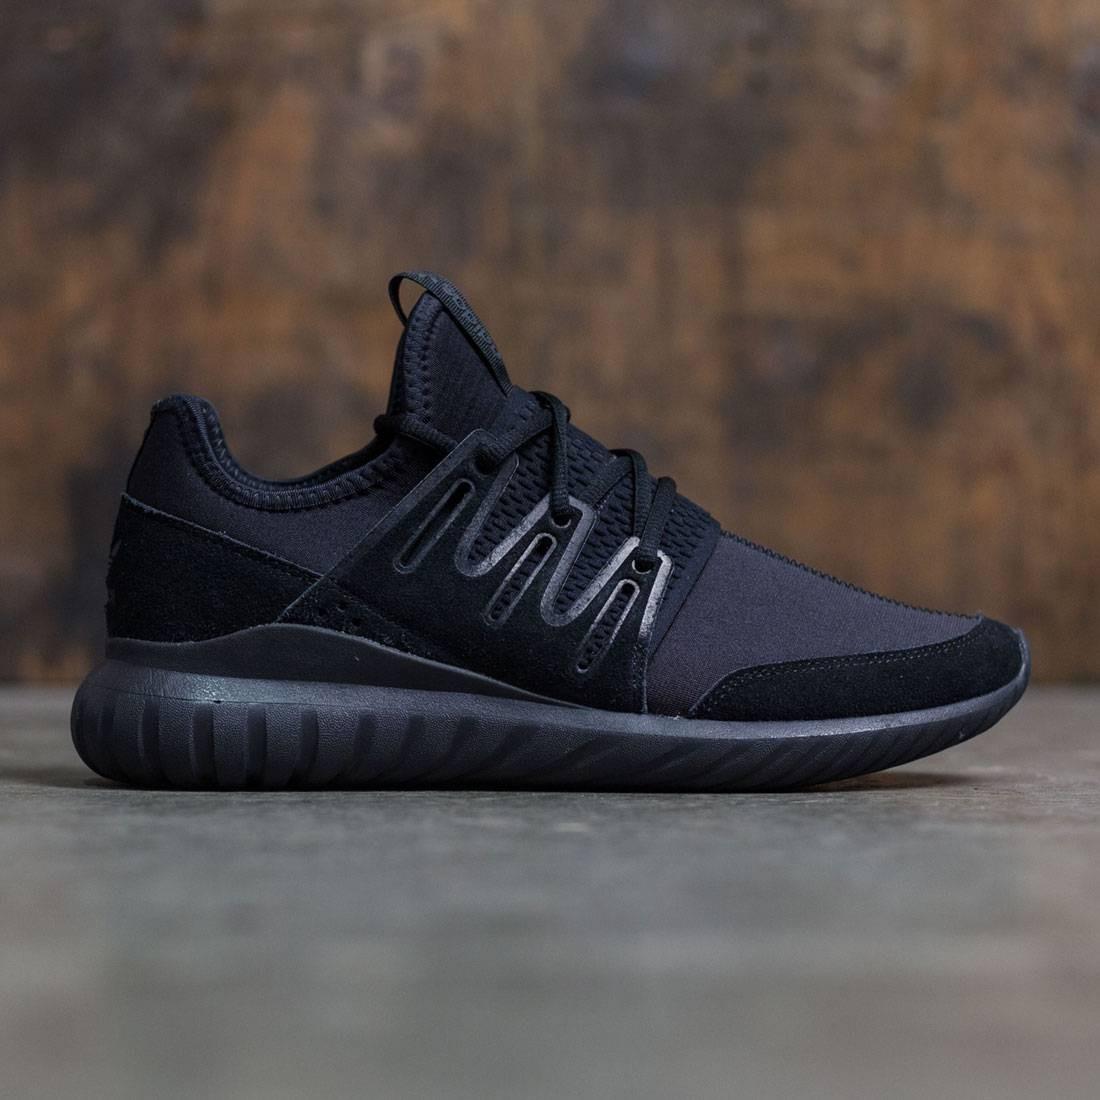 【海外限定】アディダス コア 黒 ブラック 靴 メンズ靴 【 ADIDAS BLACK MEN TUBULAR RADIAL CORE DARK GREY 】